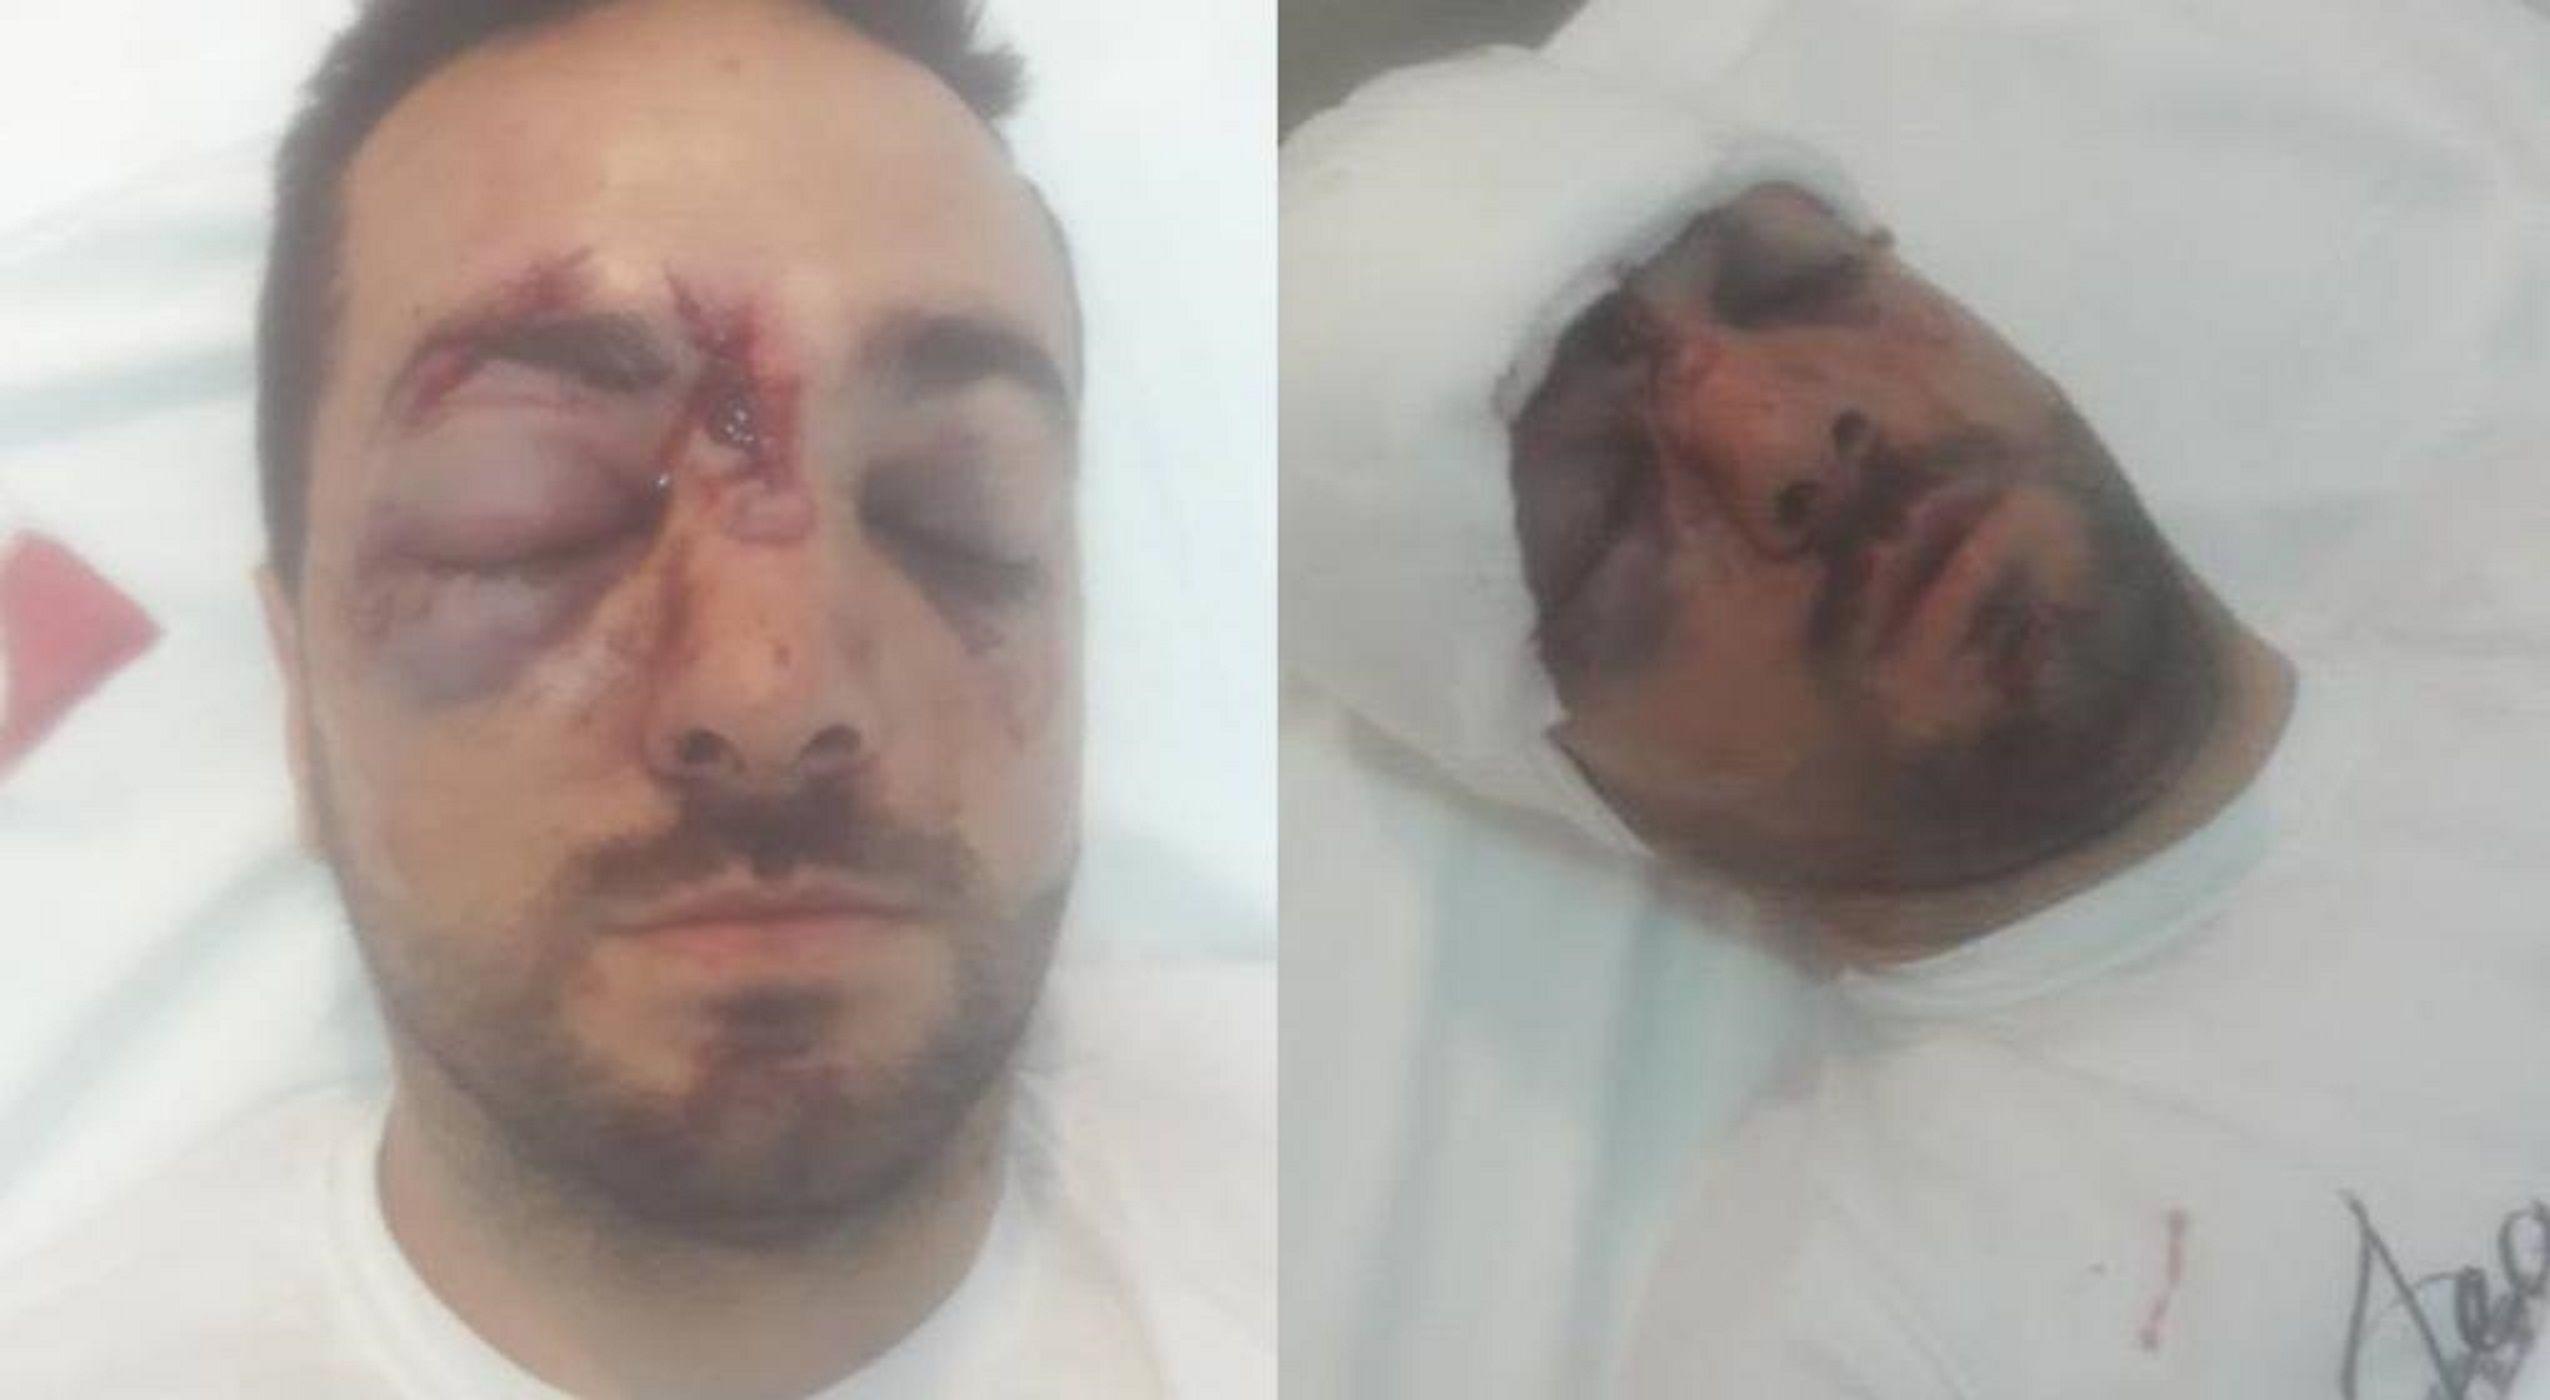 Lo golpearon con un palo en la cabeza para robarle la moto